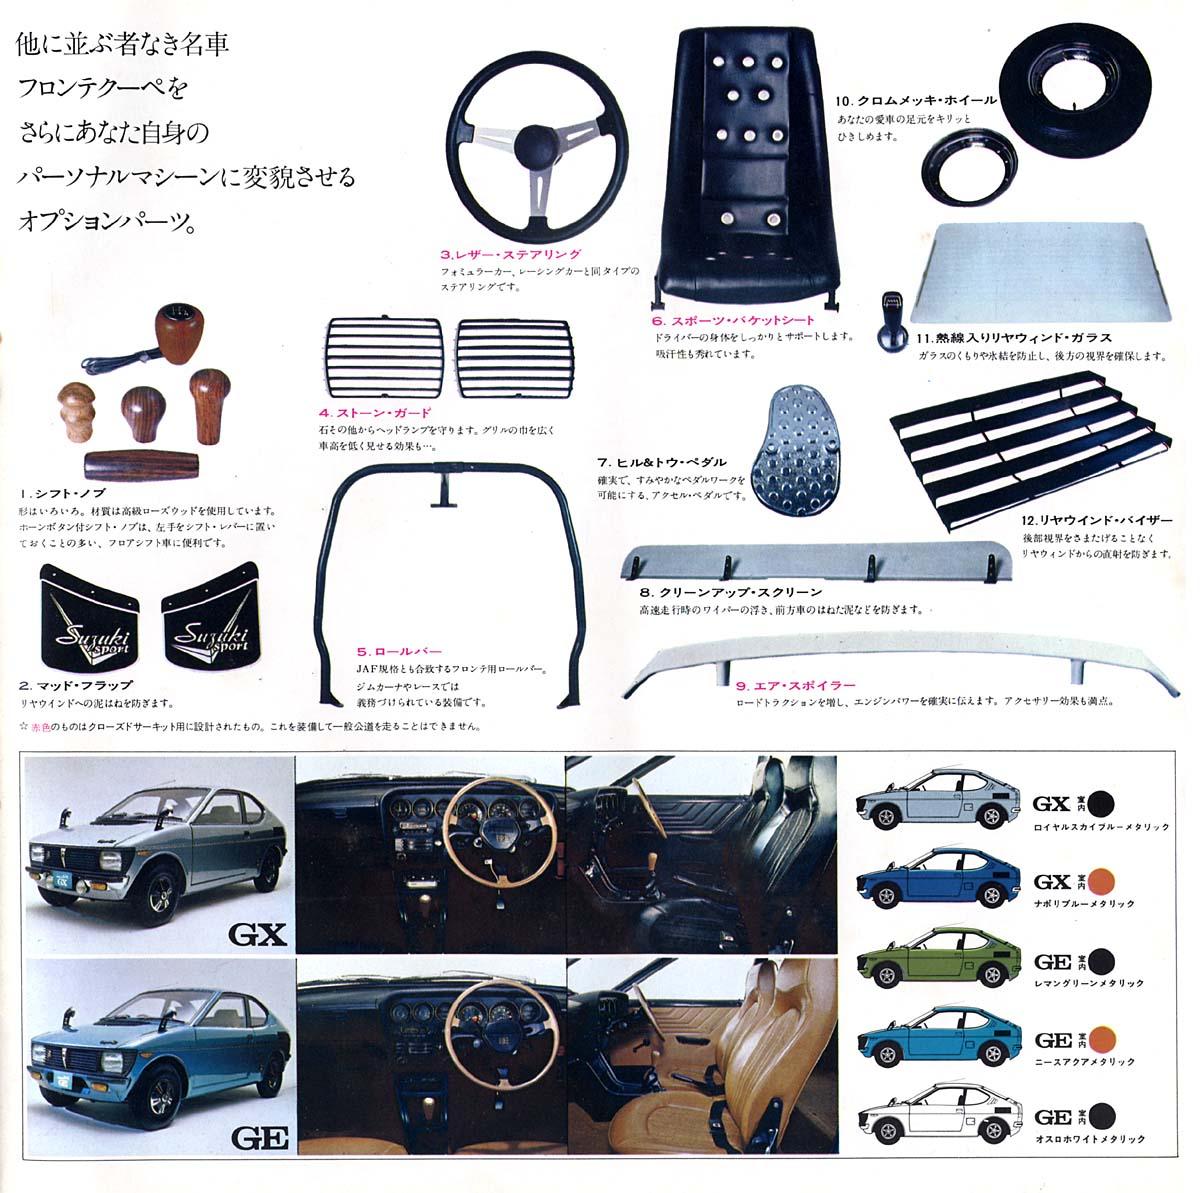 suzuki fronte coupe, klasyk, samochody z lat 70, japońskie małe auta, fajne samochody